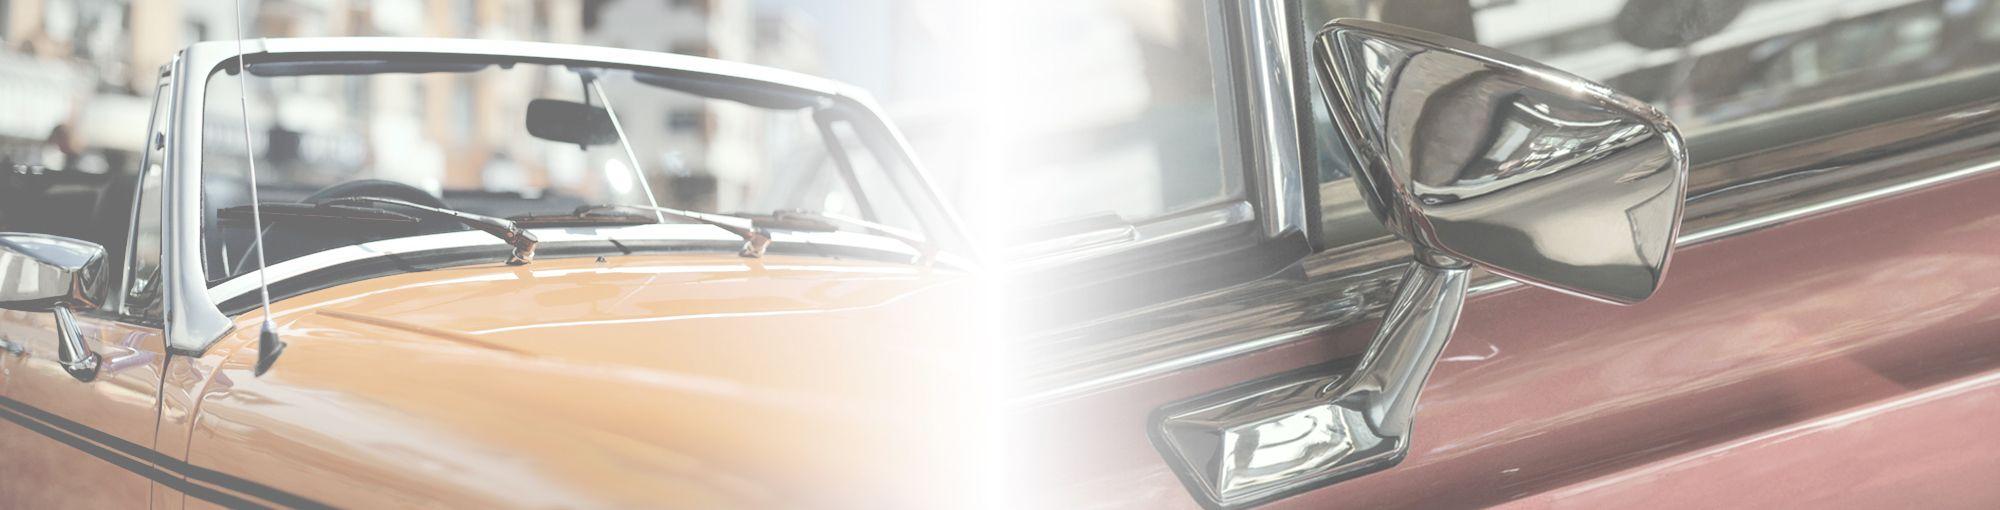 Tergicristalli e specchietti per auto d'epoca